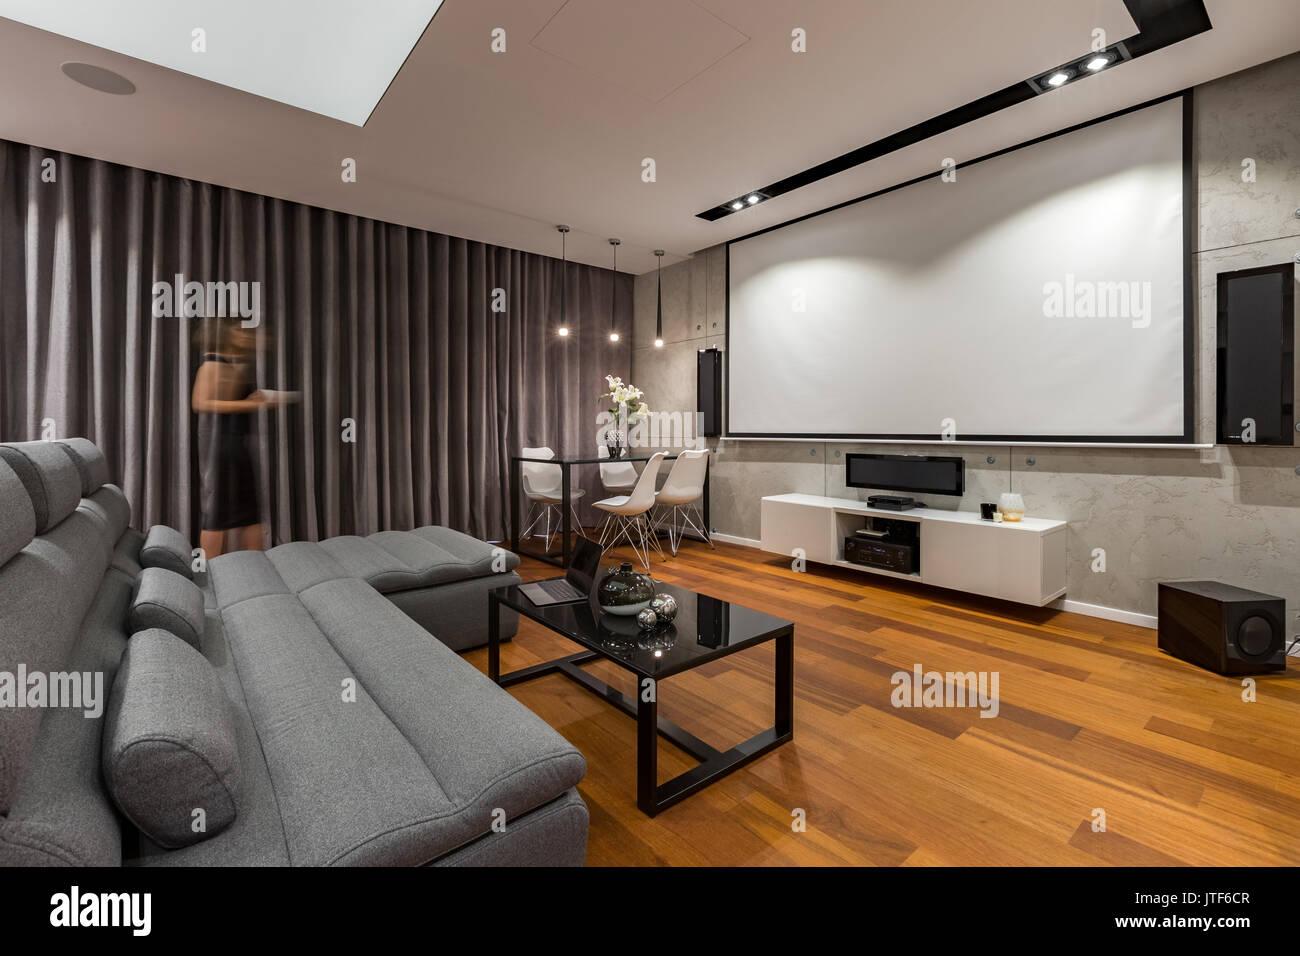 Wohnzimmer Mit Leinwand Grau Couch Und Couchtisch Schwarz Stockfoto